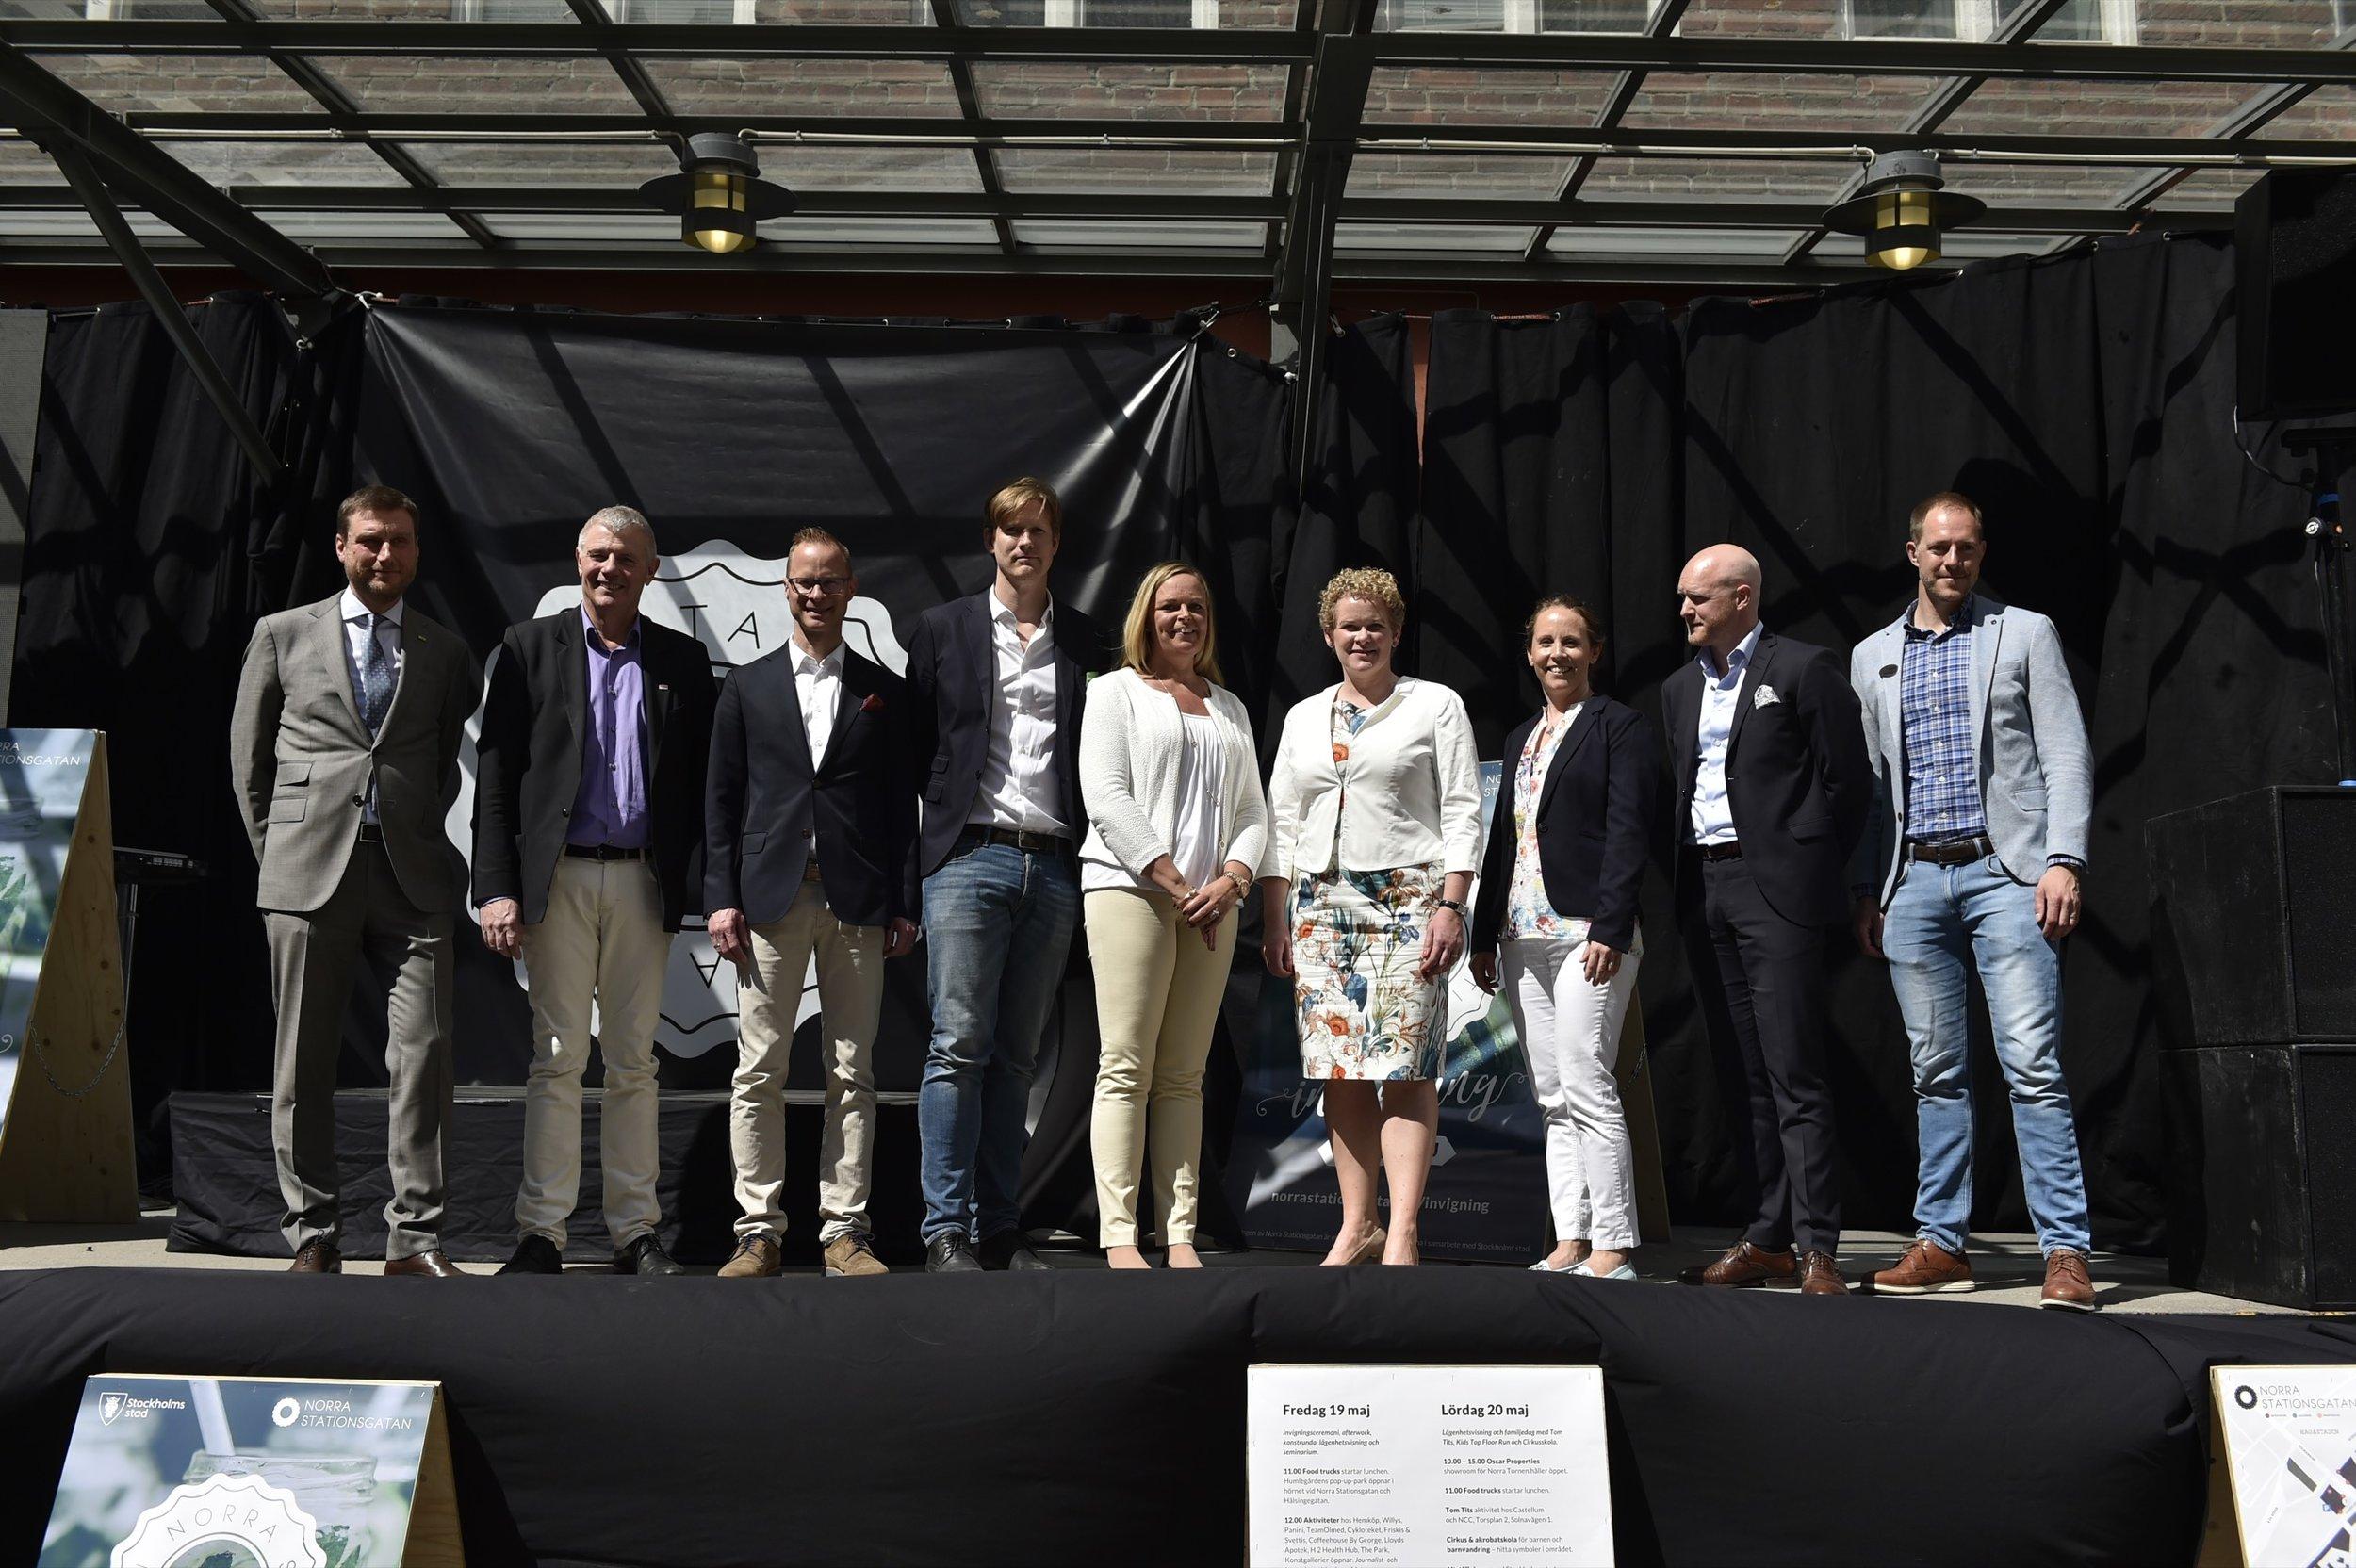 Representanter för byggherresamverkan på Norra Stationsgatan tillsammans med finansborgarråd Karin Wanngård (S).Foto: Mikael Sjöberg